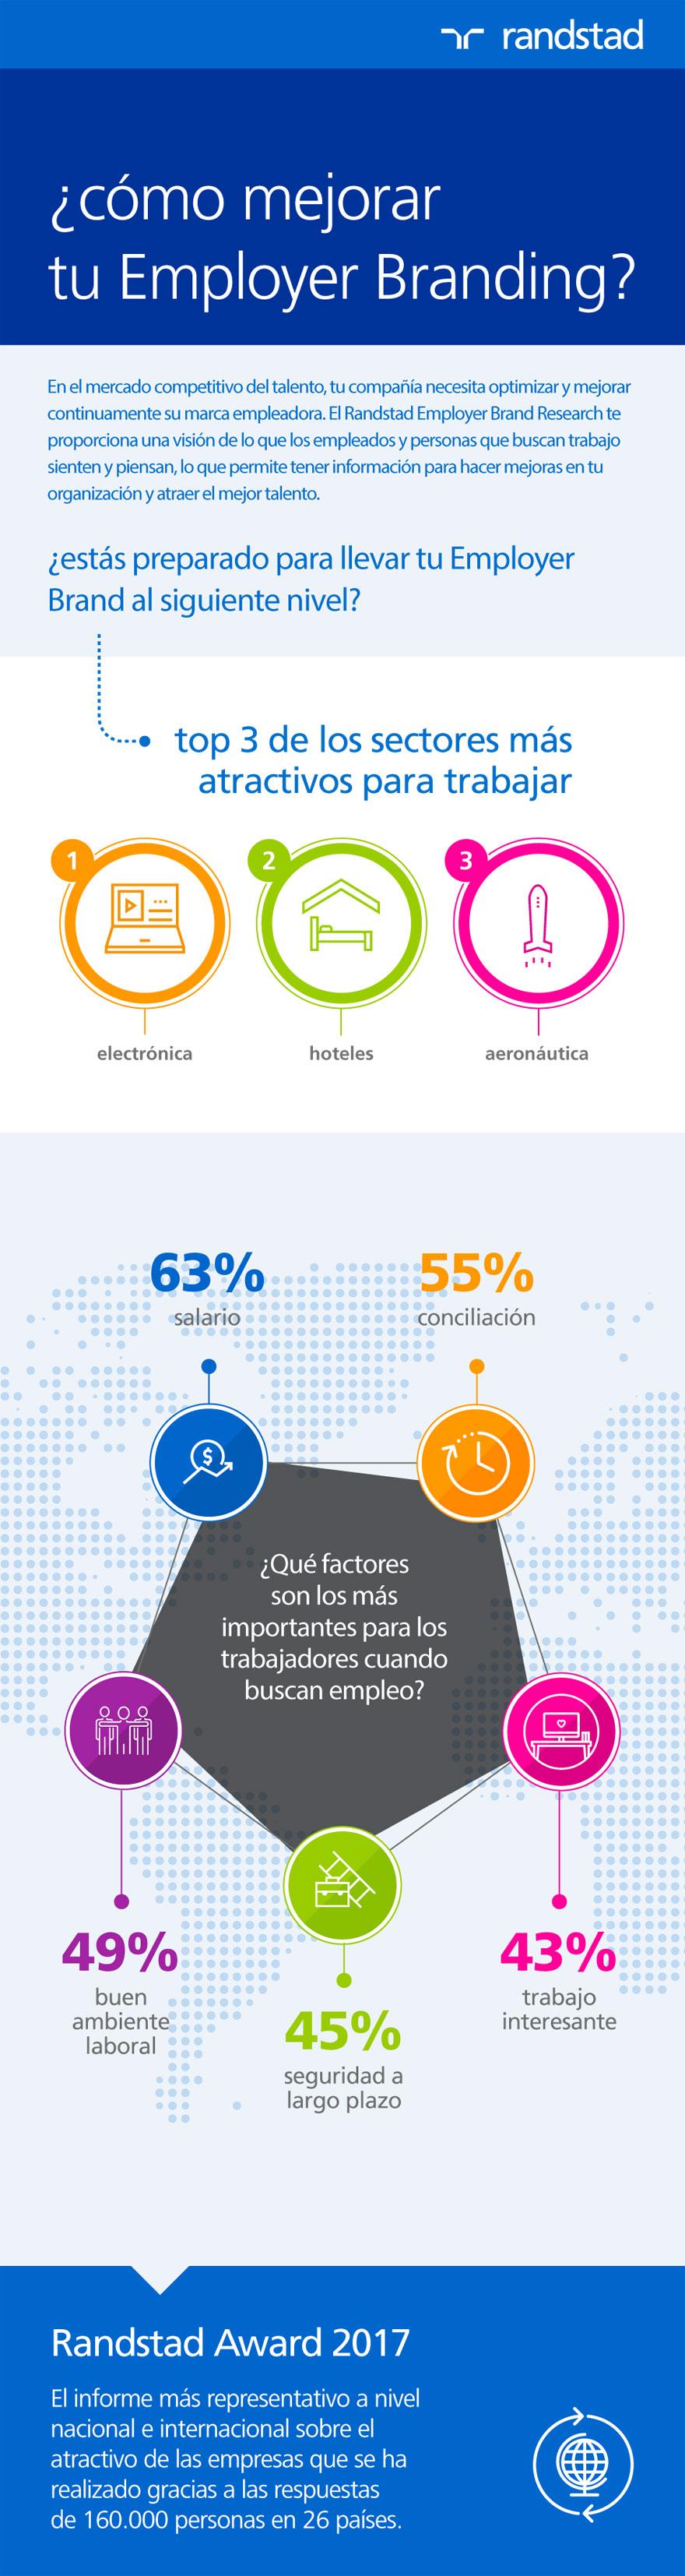 infografía | Cómo mejorar tu employer branding | REBR 2017